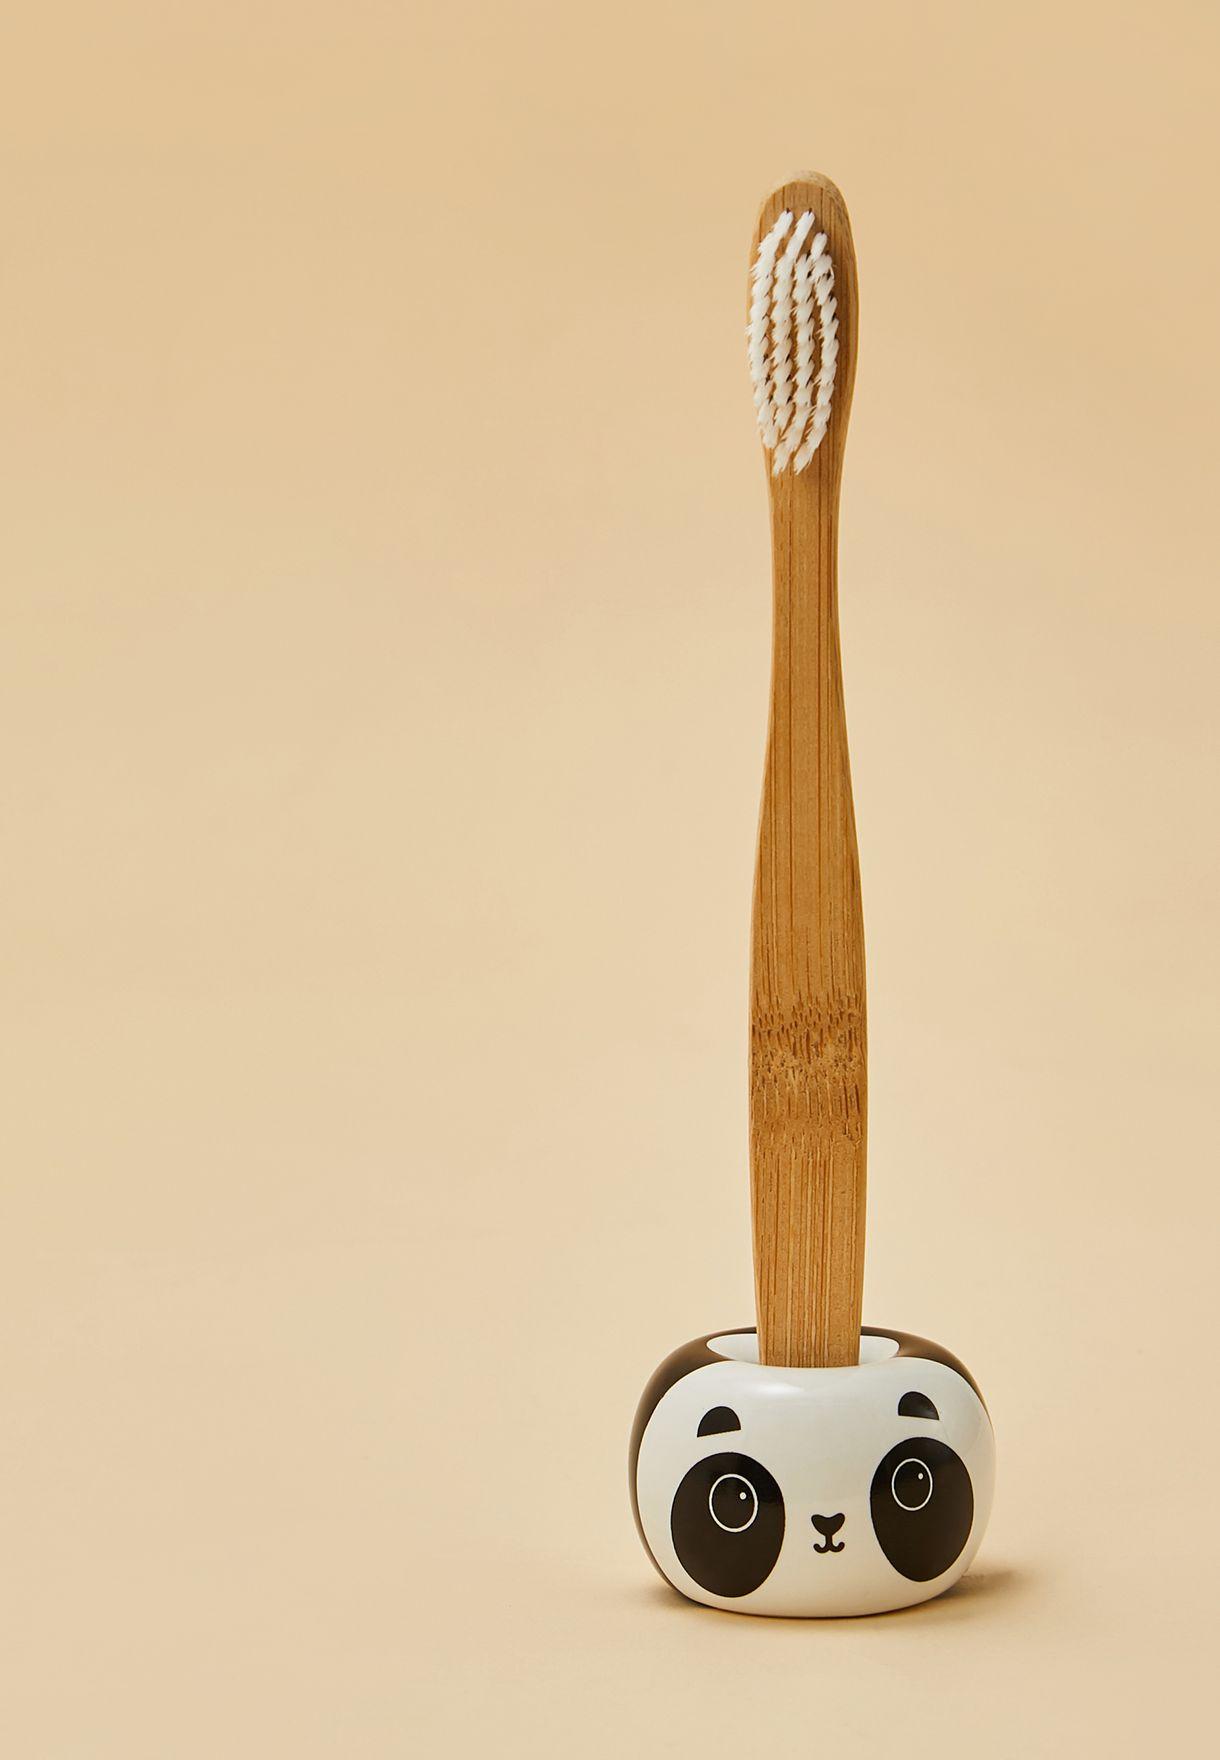 Aiko Panda Toothbrush Holder